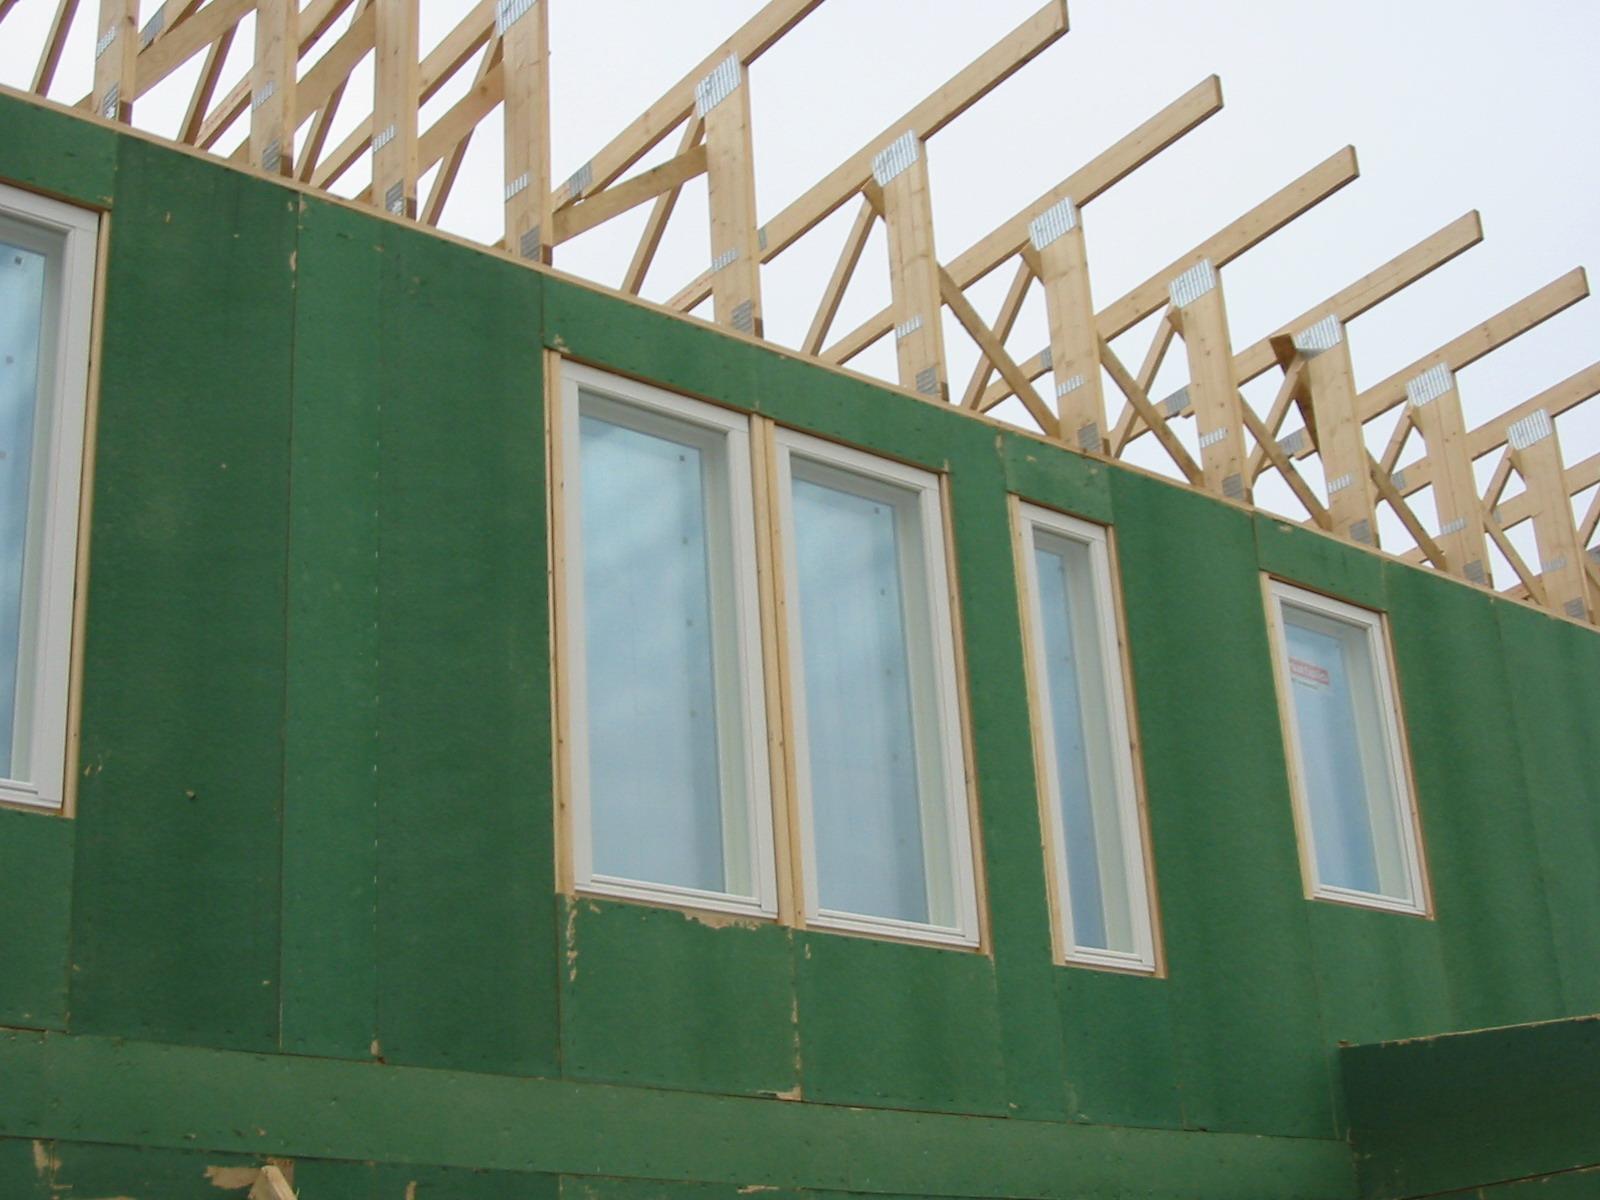 Изоплат — мягкие древесноволокнистые плиты для отделки и изоляции стен, пола, потолка — снаружи и внутри.